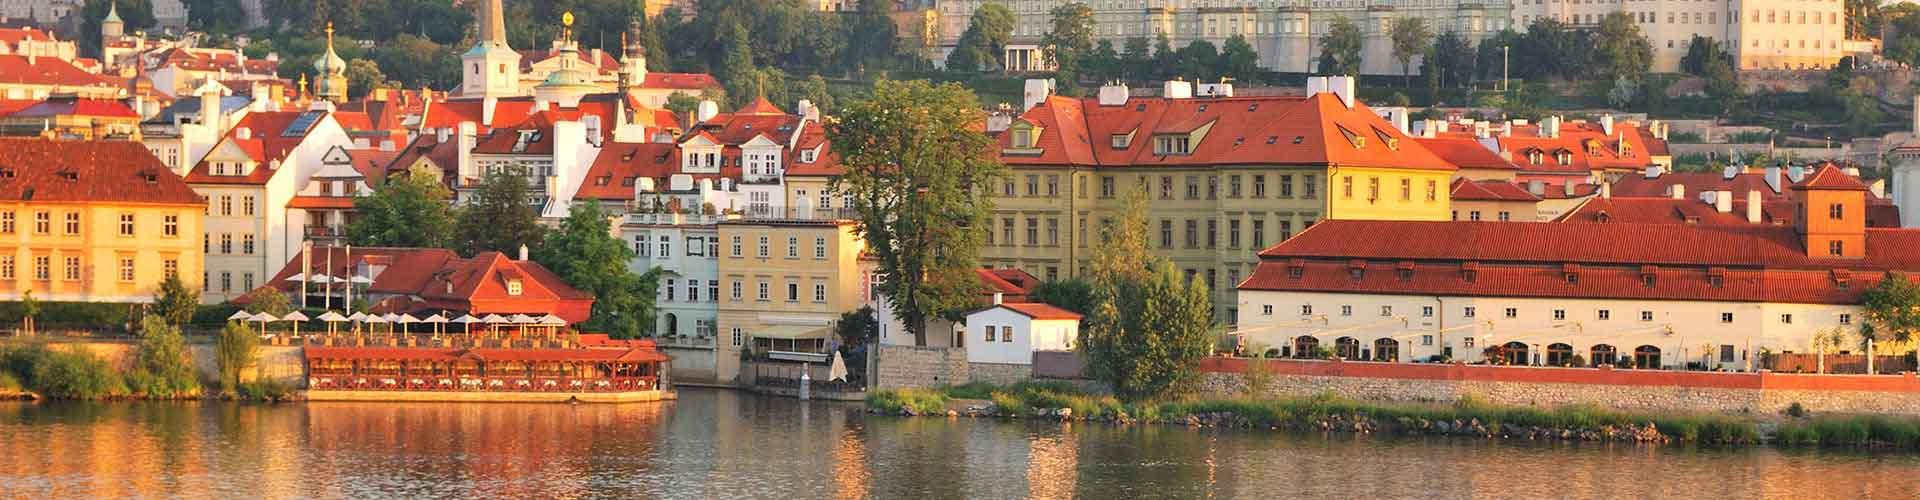 Praga - Hoteles baratos cerca a El Castillo de Praga. Mapas de Praga, Fotos y comentarios de cada Hotel en Praga.